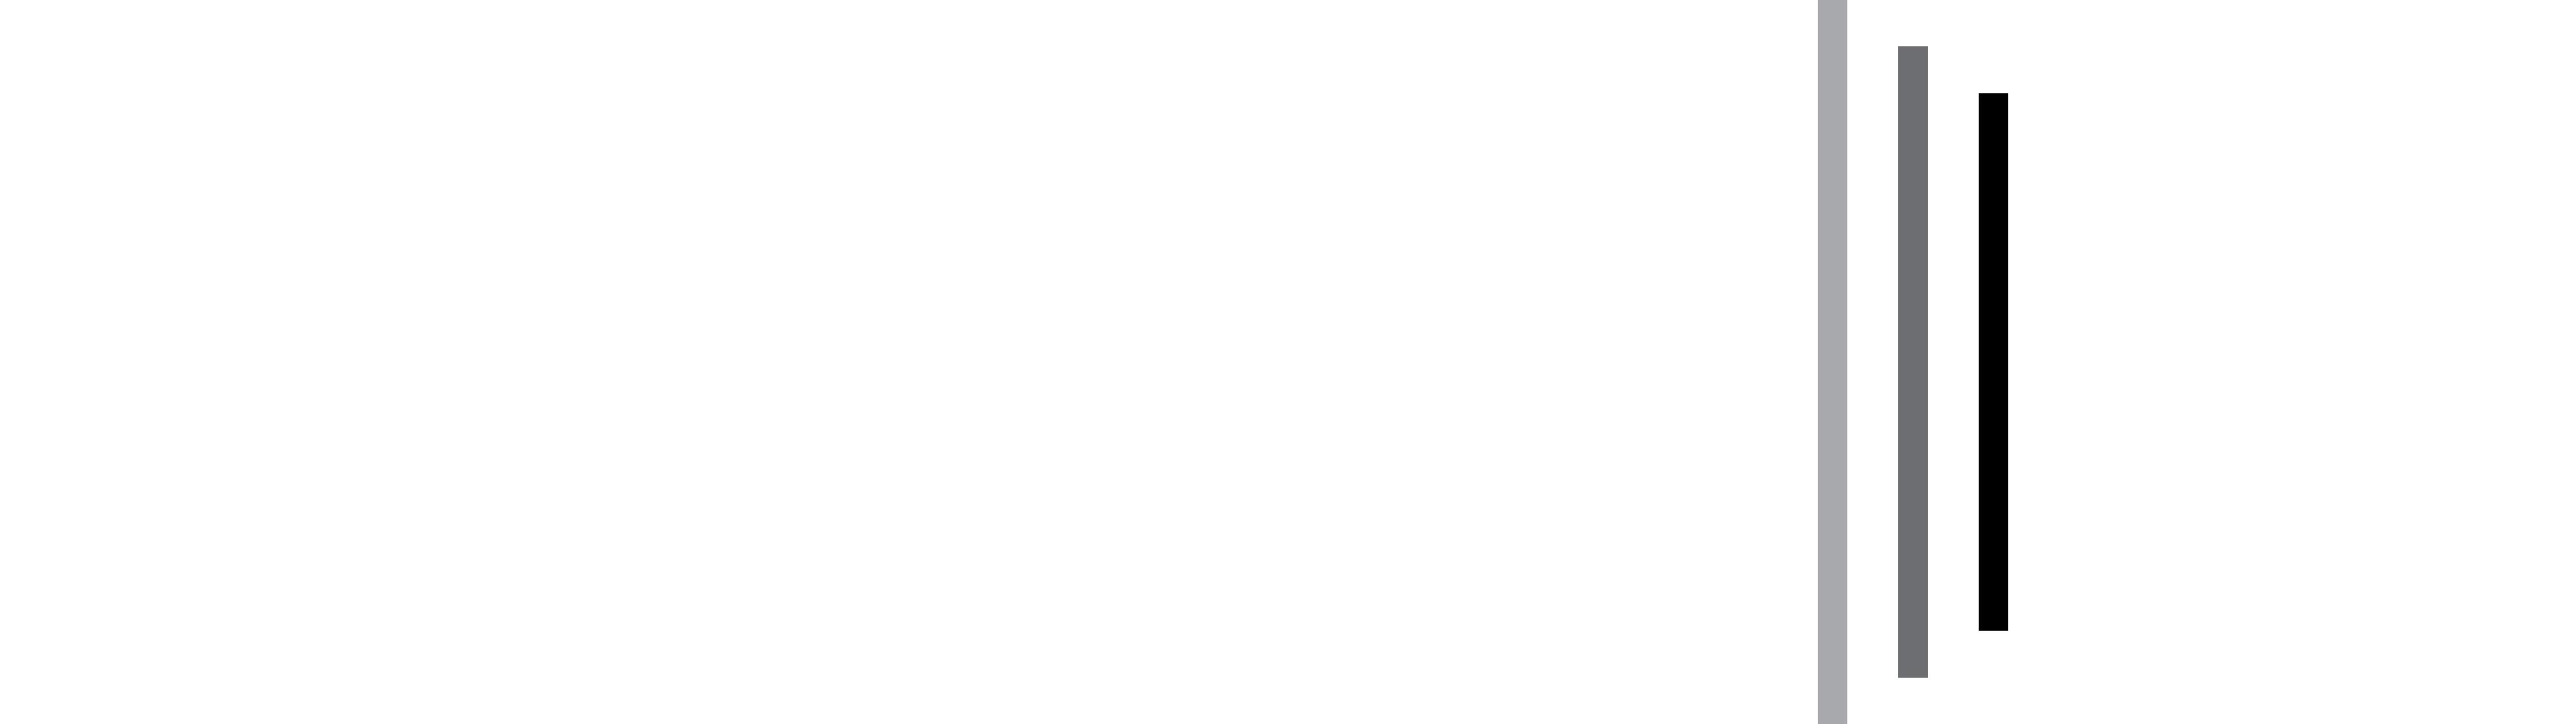 GE-FILMT.DE - Filmer aus Gelsenkirchen